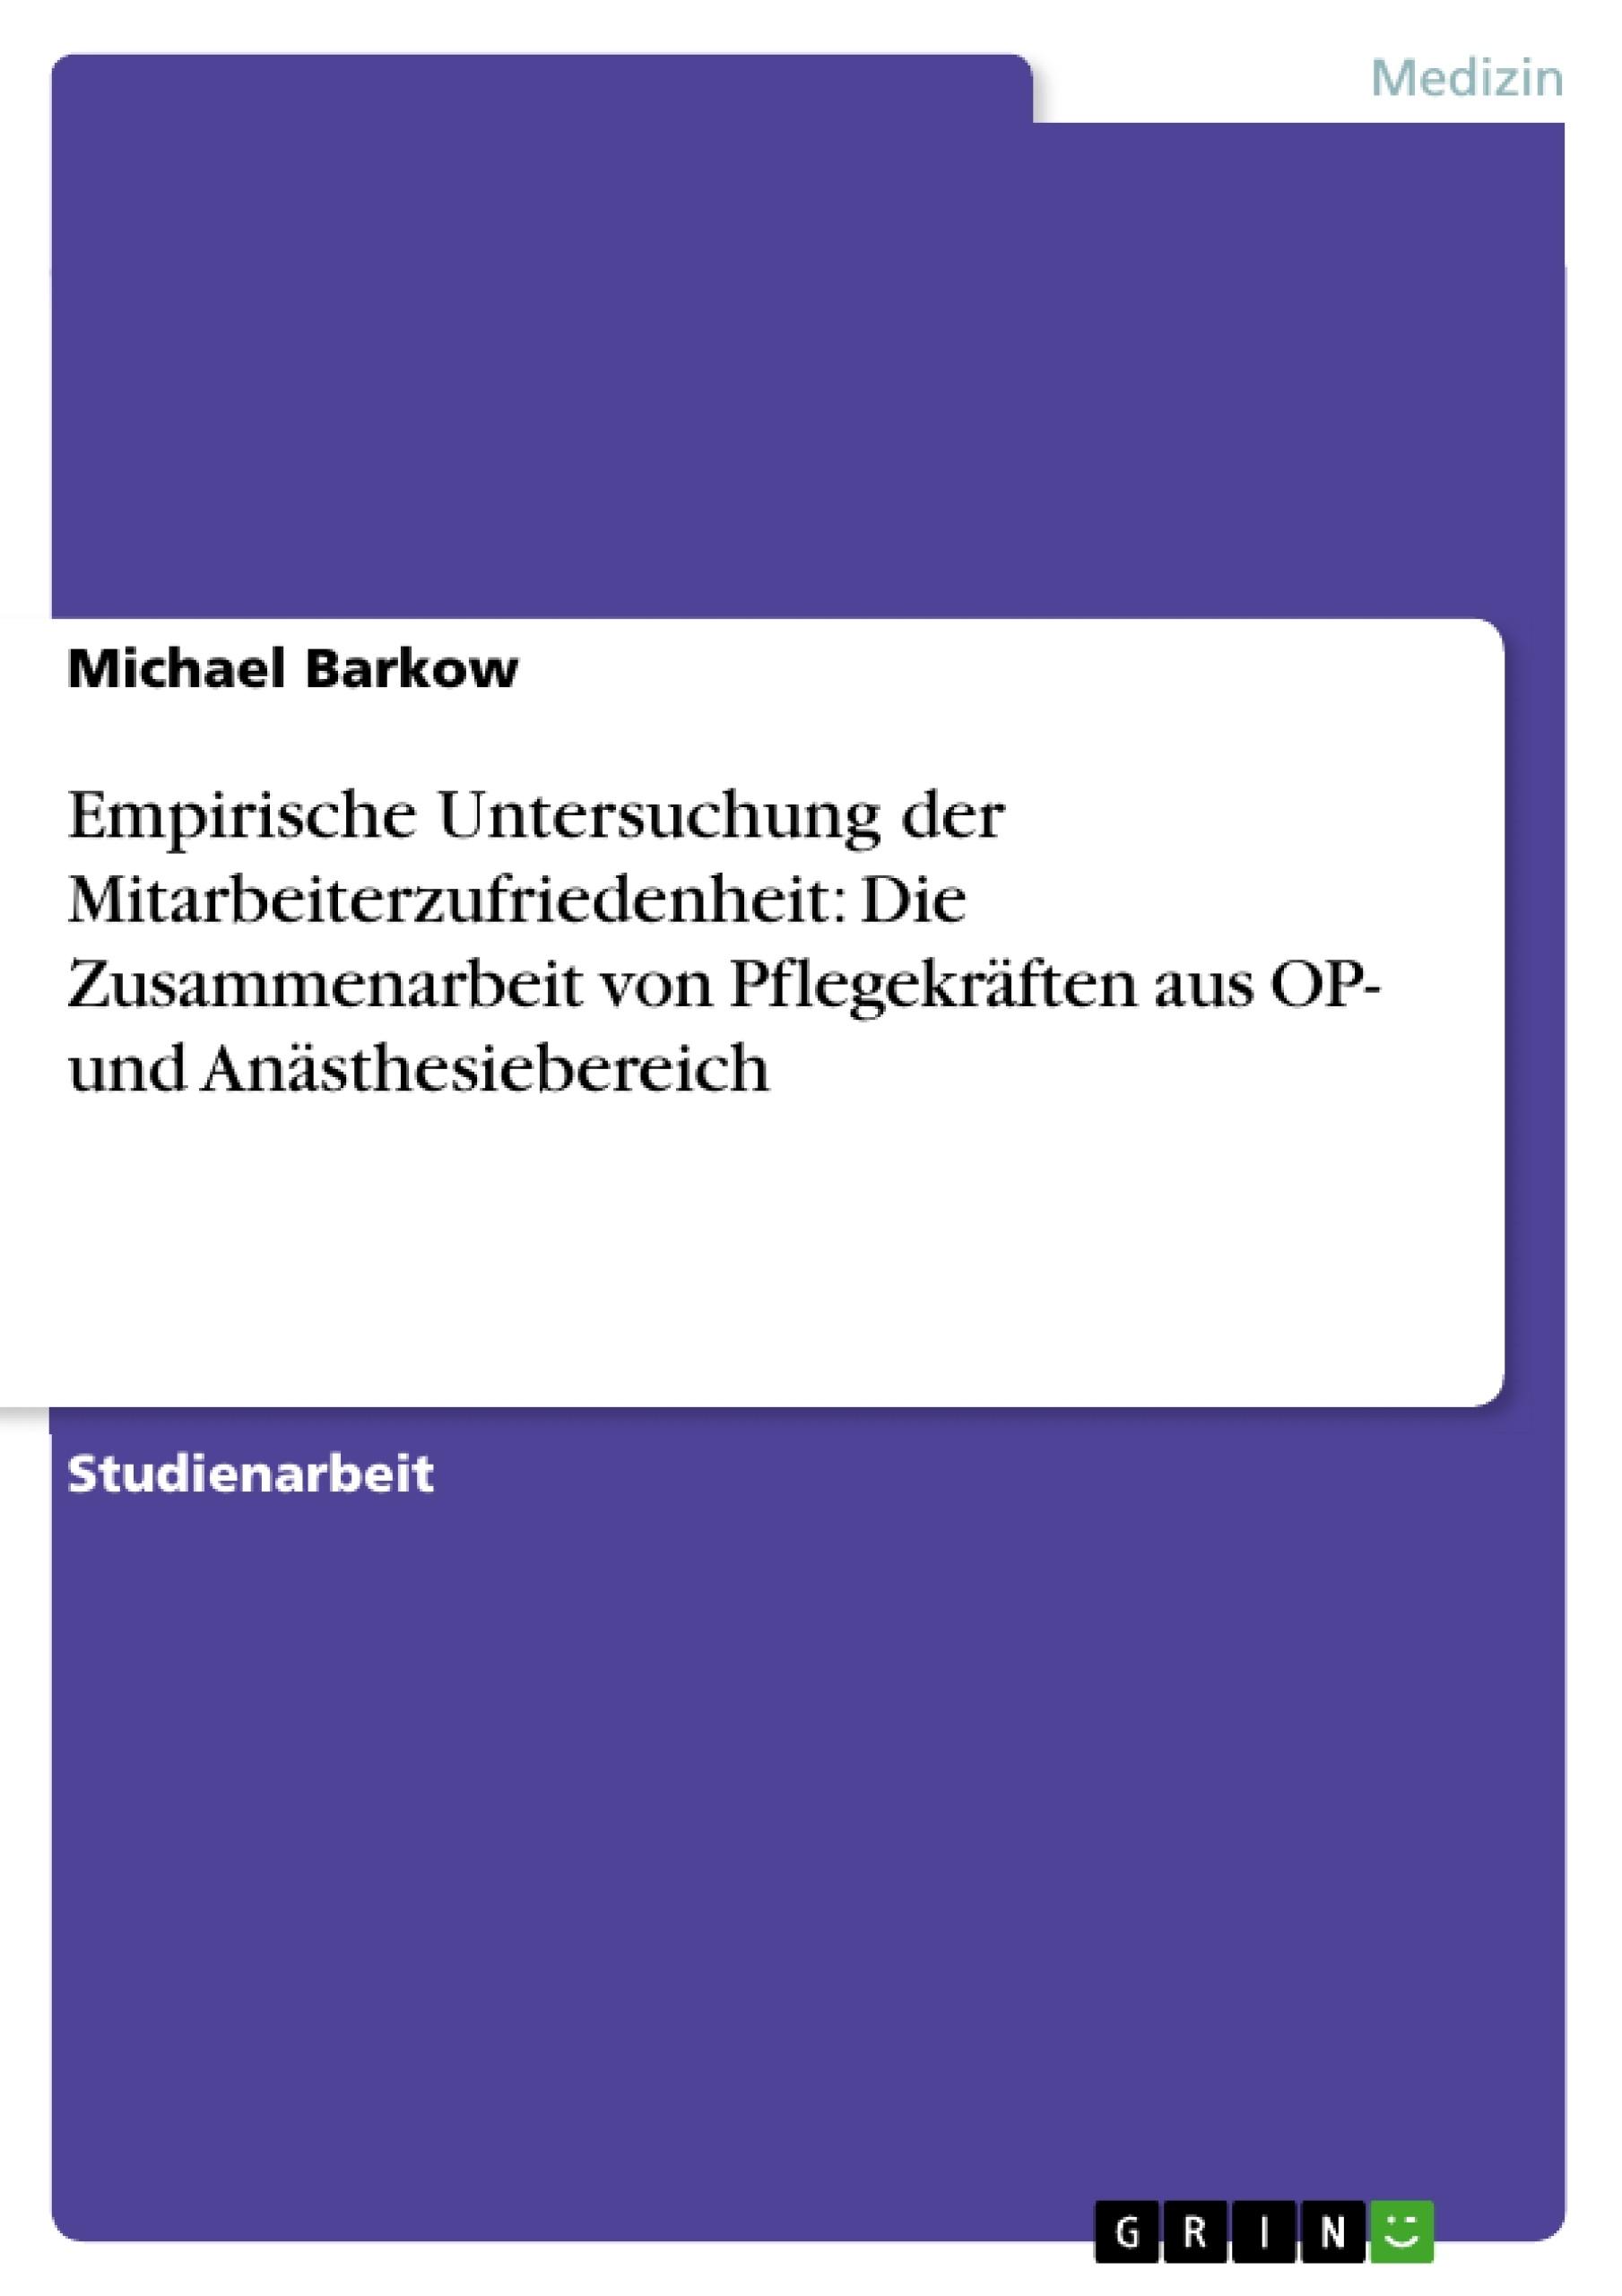 Titel: Empirische Untersuchung der Mitarbeiterzufriedenheit: Die Zusammenarbeit von Pflegekräften aus OP- und Anästhesiebereich